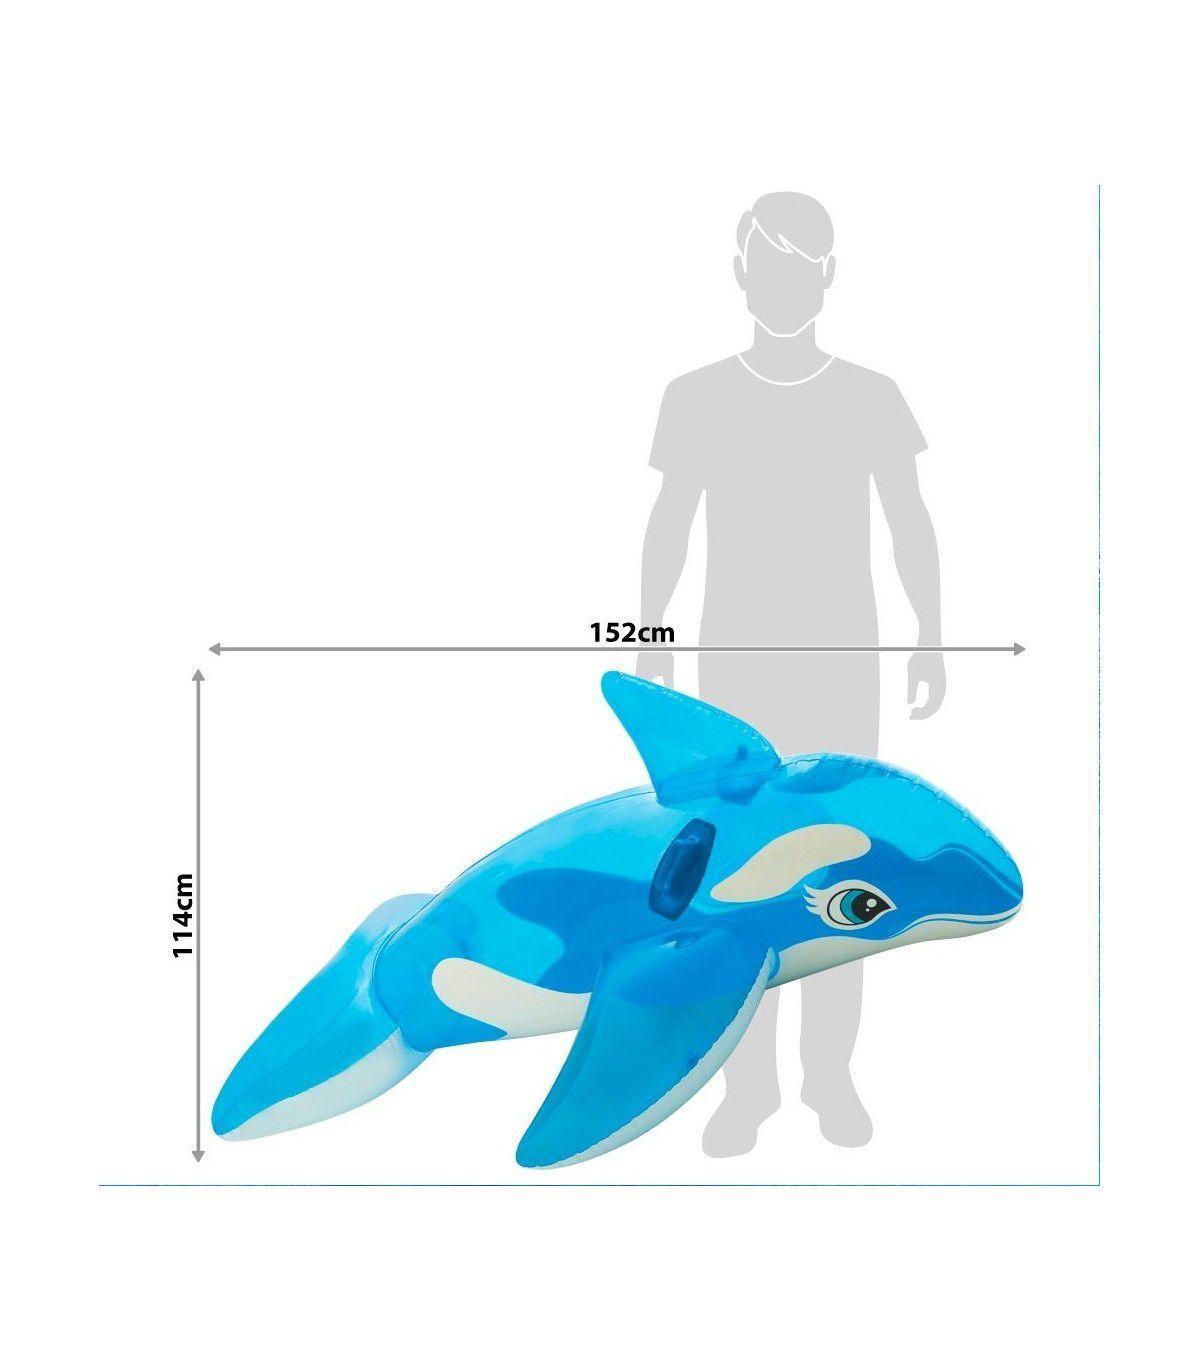 Boia Infantil Inflável Baleia Transparente Intex